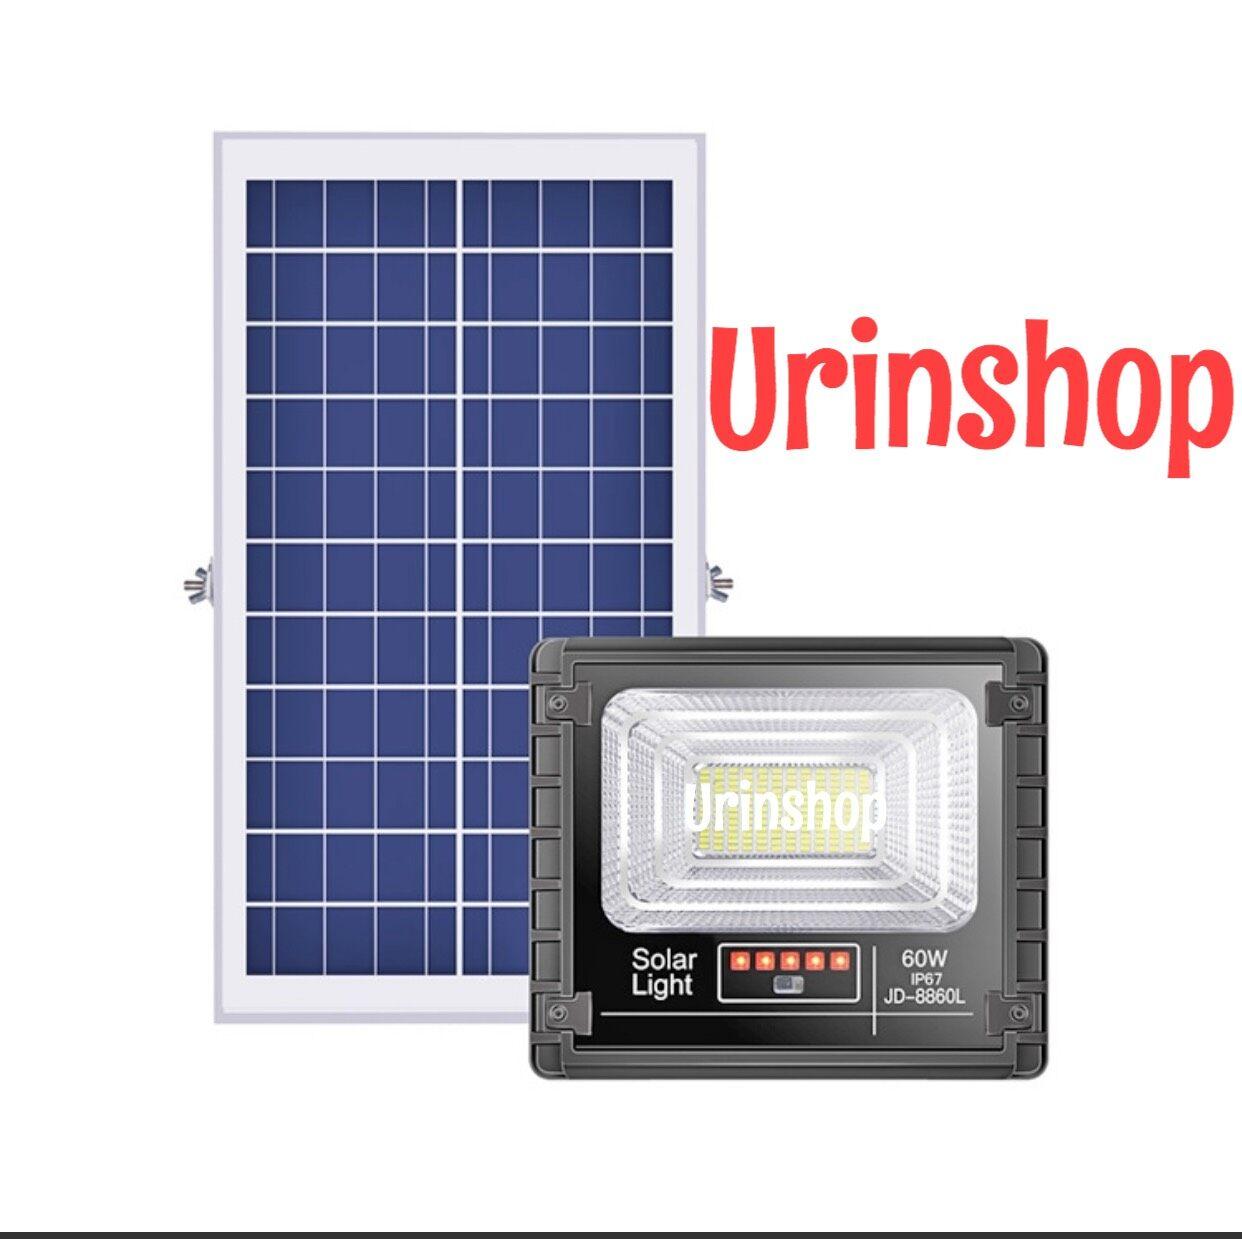 ไฟโซล่าเซลล์ 60W L แสงสีเหลือง (WarmWhite) JD-8860L รุ่นใหม่เพิ่มแถบสถานะการชาร์จ เปลี่ยนแบตง่าย โคมไฟสปอร์ตไลท์ SMD LED 156 ดวง ยี่ห้อJDแท้100% Urinshop